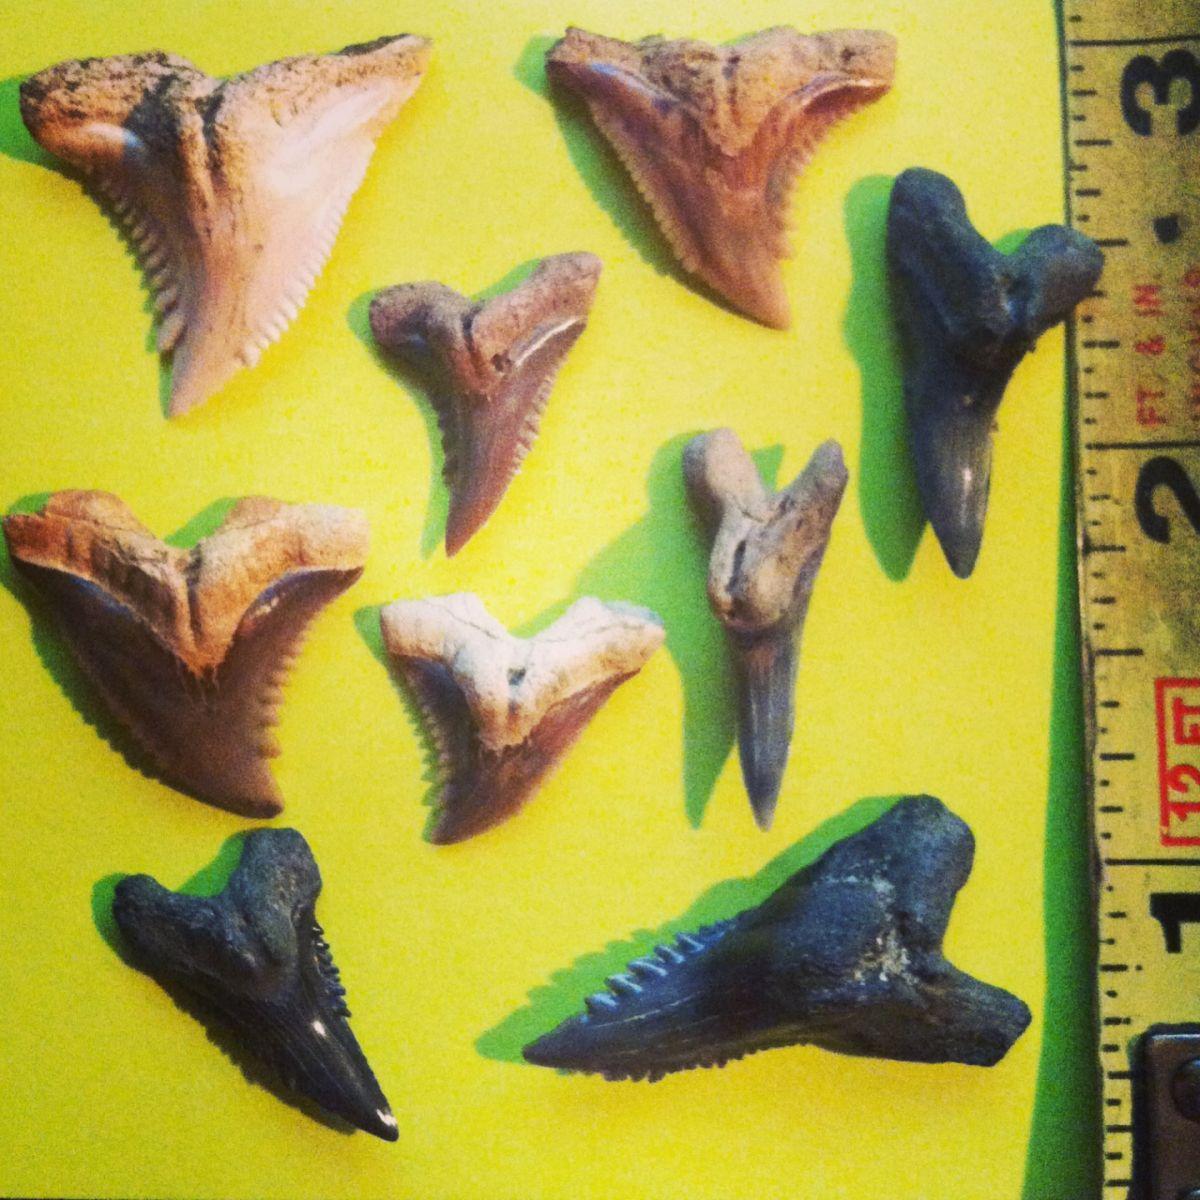 Hemipristis teeth in various colors